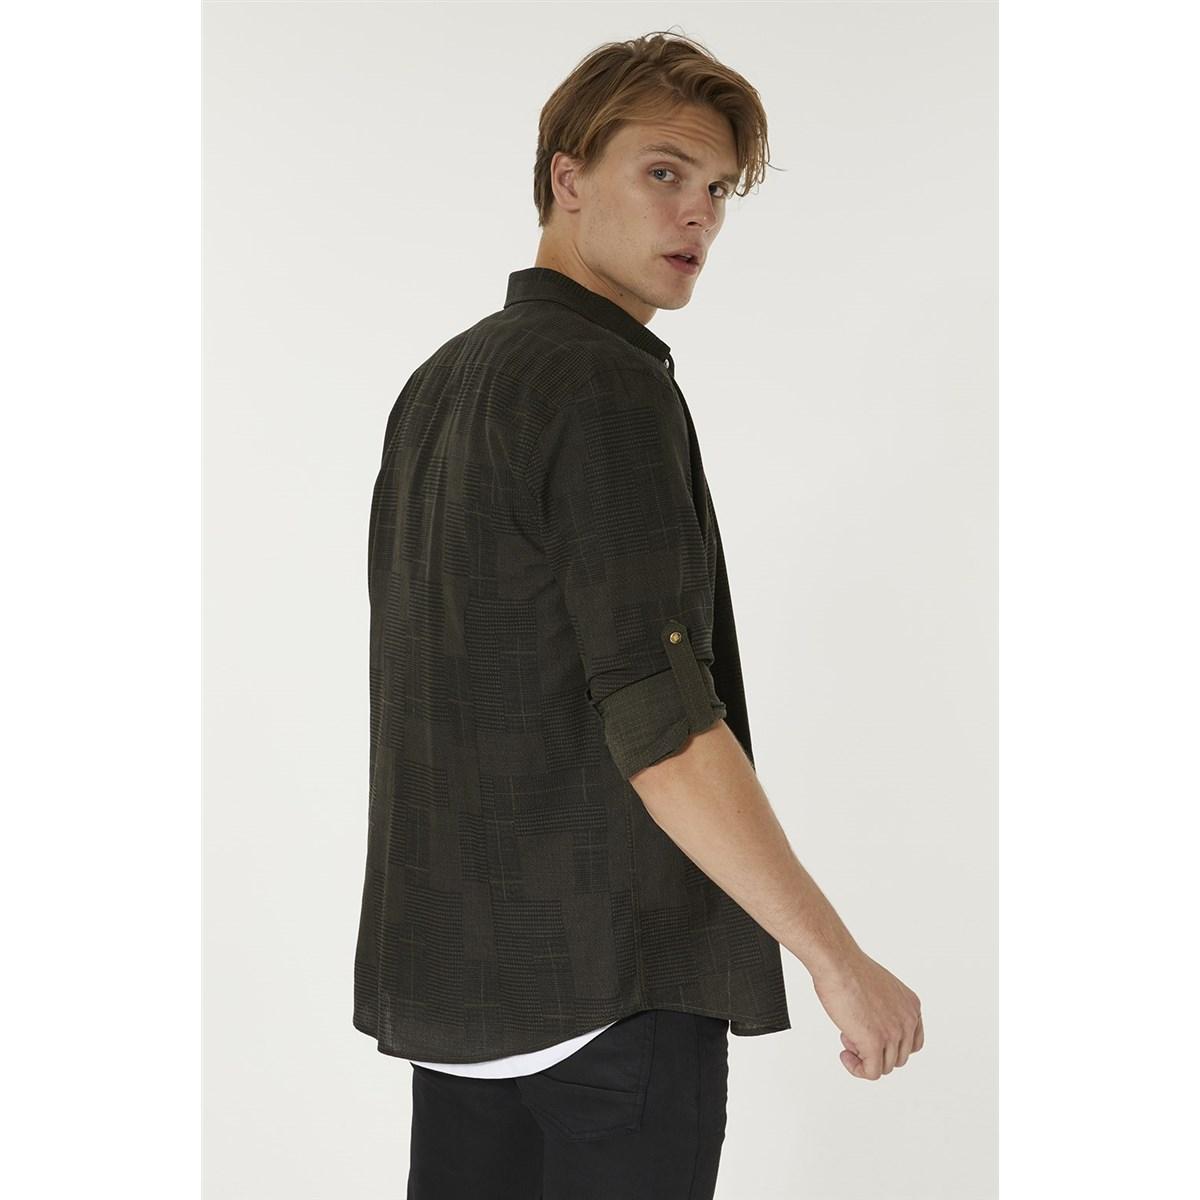 Baskılı Düğmeli Yaka Slim Fit Erkek Gömlek (A92Y2041-67)